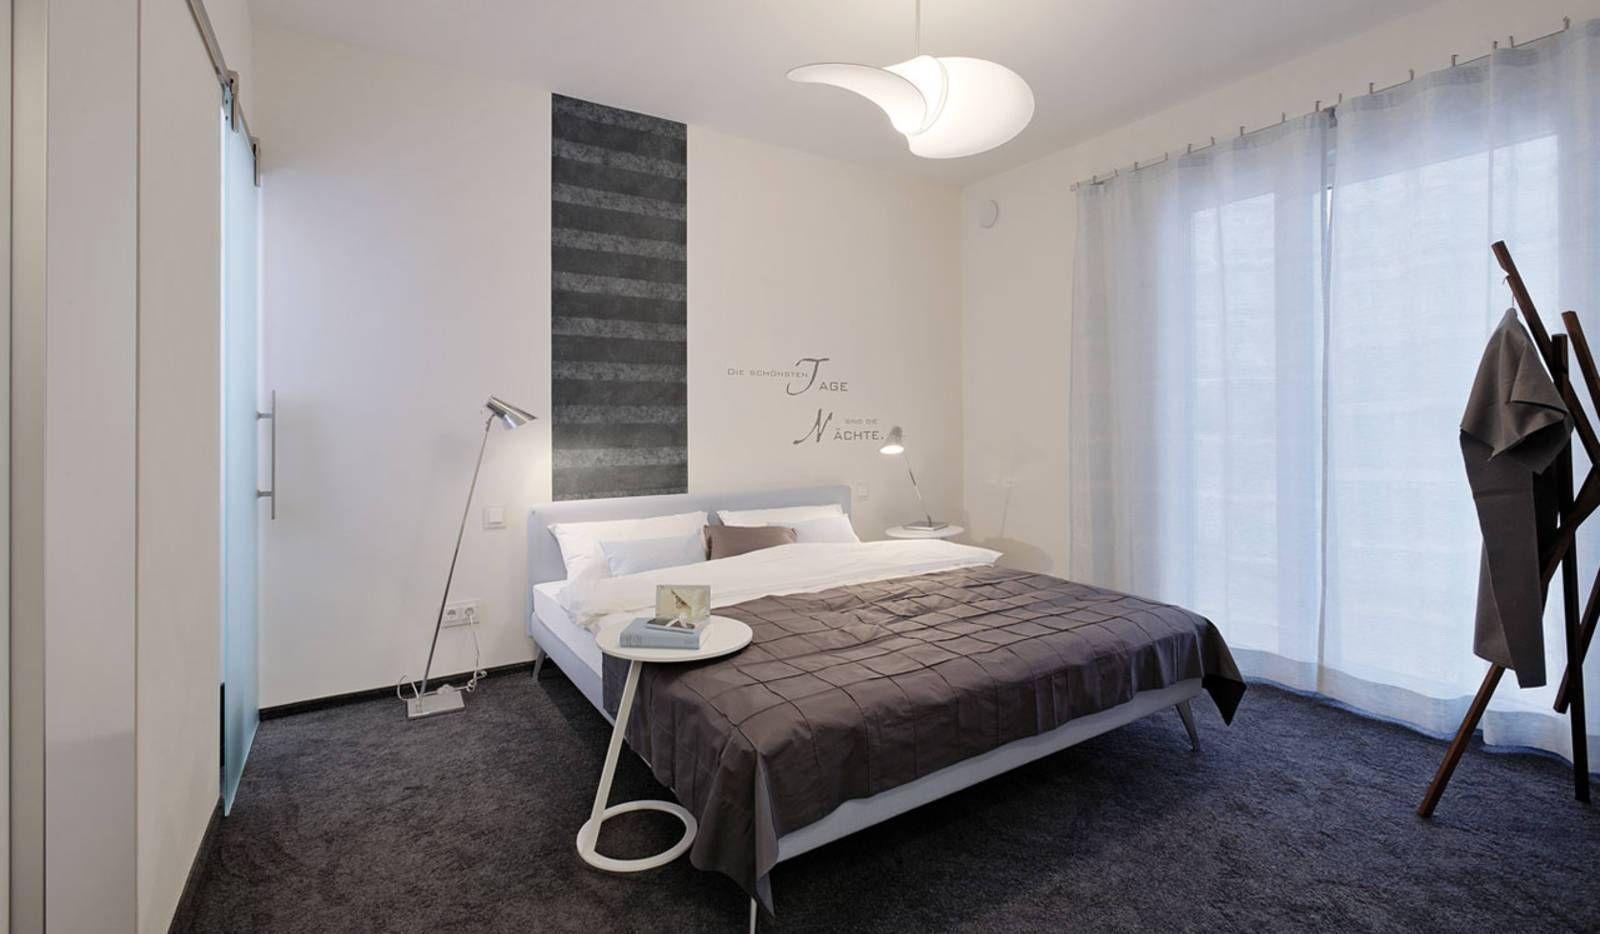 14 Spectakuler Teppichboden Schlafzimmer Farbe Das komplette ...